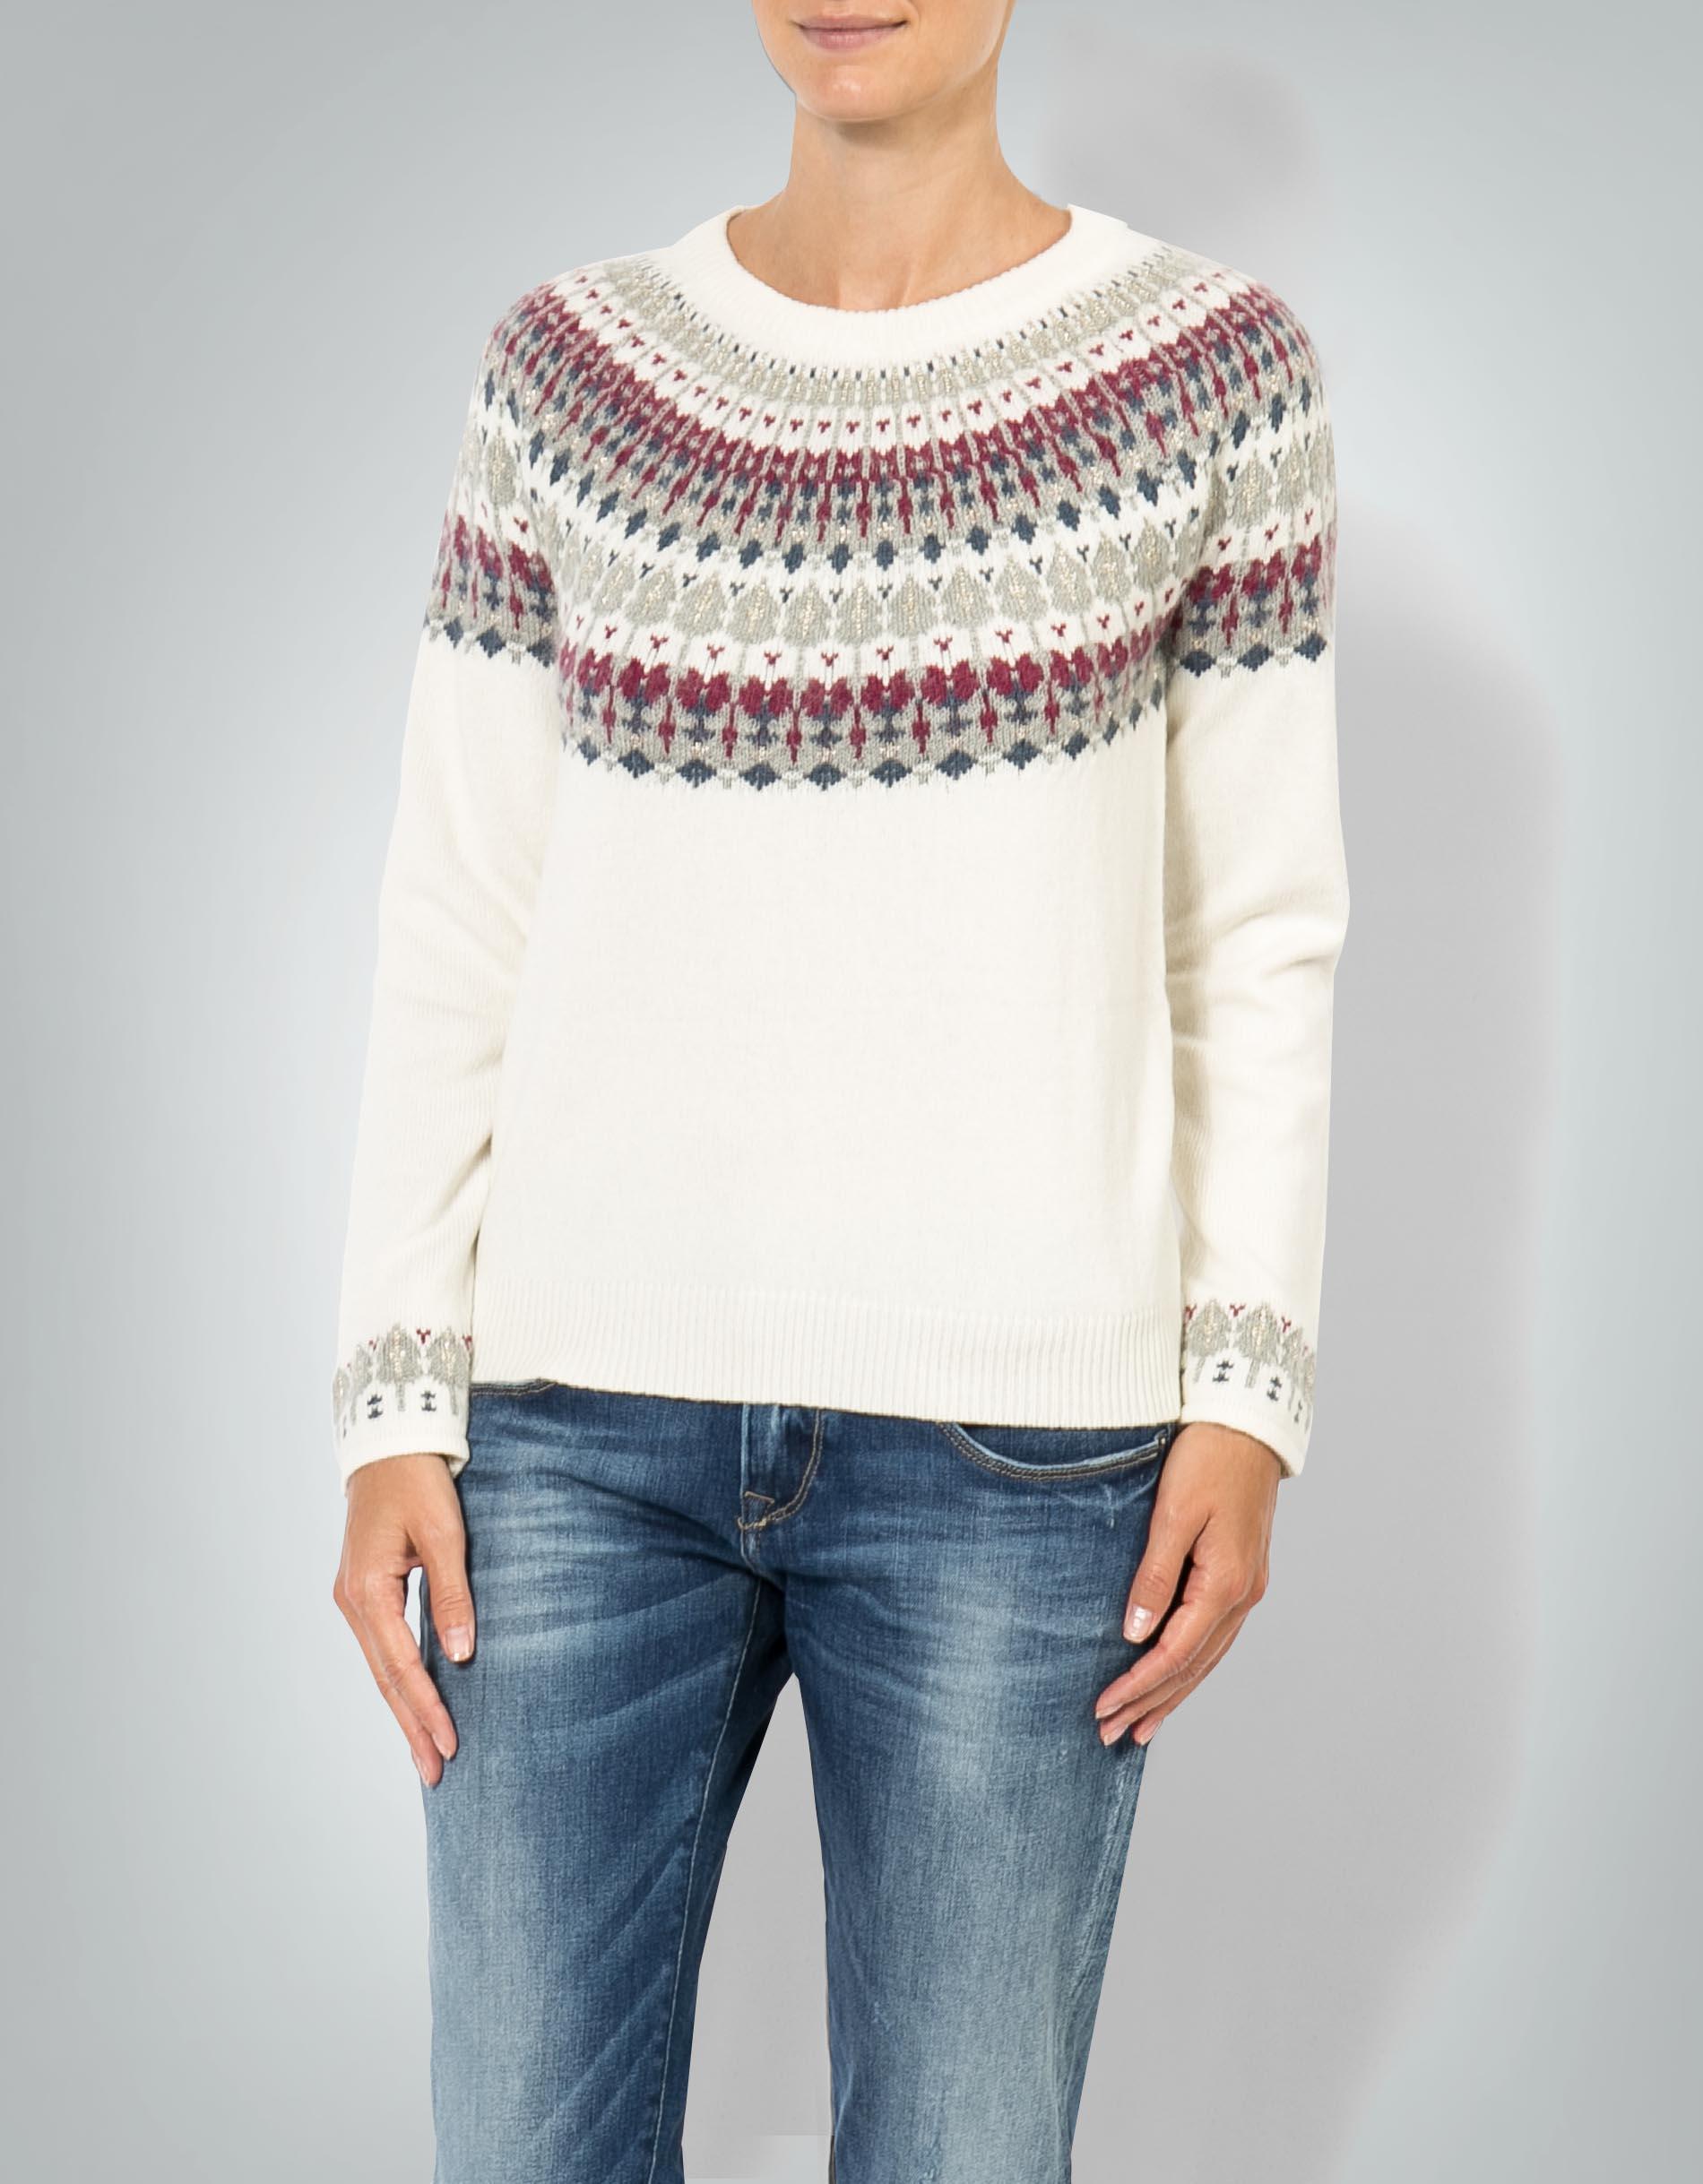 Online-Verkauf Vorschau von Outlet zum Verkauf Gant Damen Pullover im Norweger-Muster empfohlen von Deinen ...